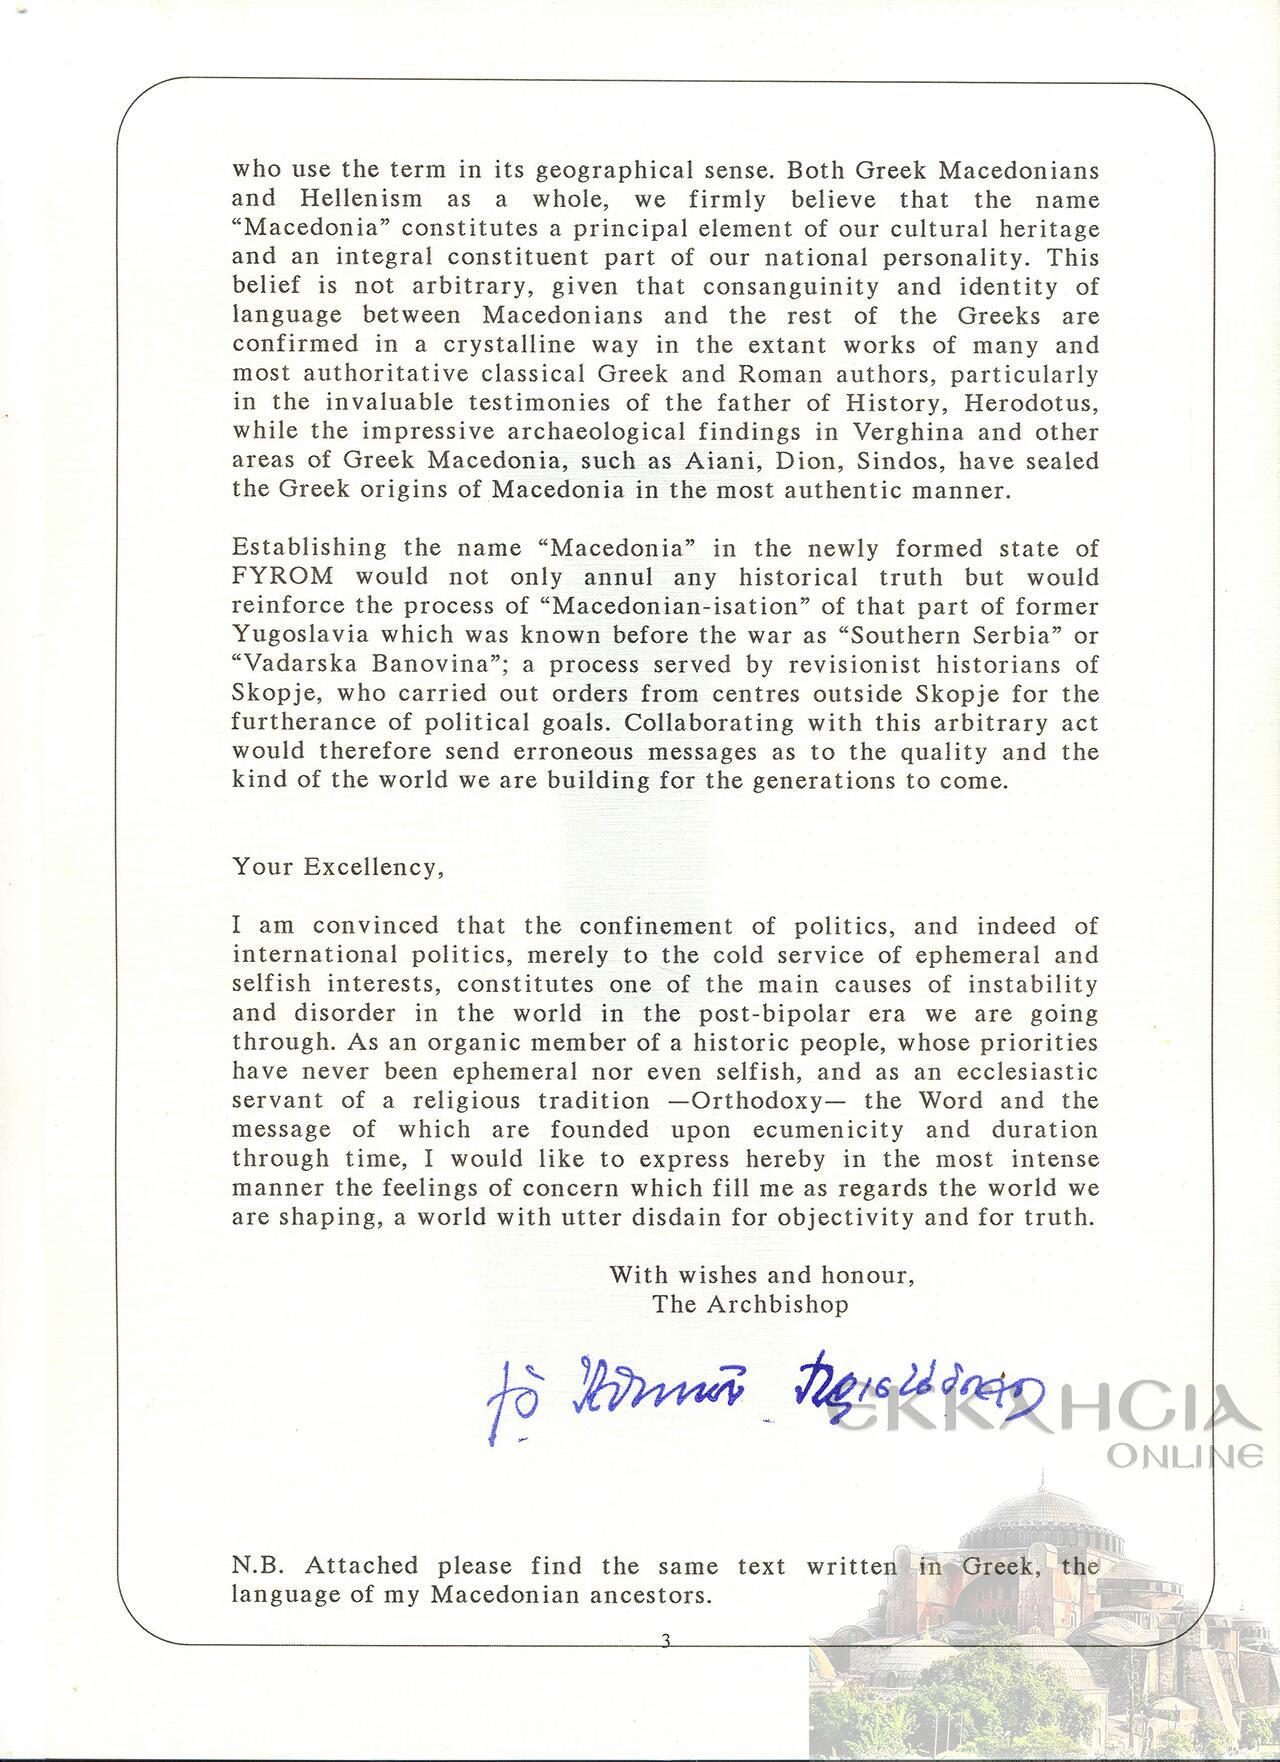 επιστολή Αρχιεκισκόπου Χριστόδουλου Μακεδονικό σελίδα 3